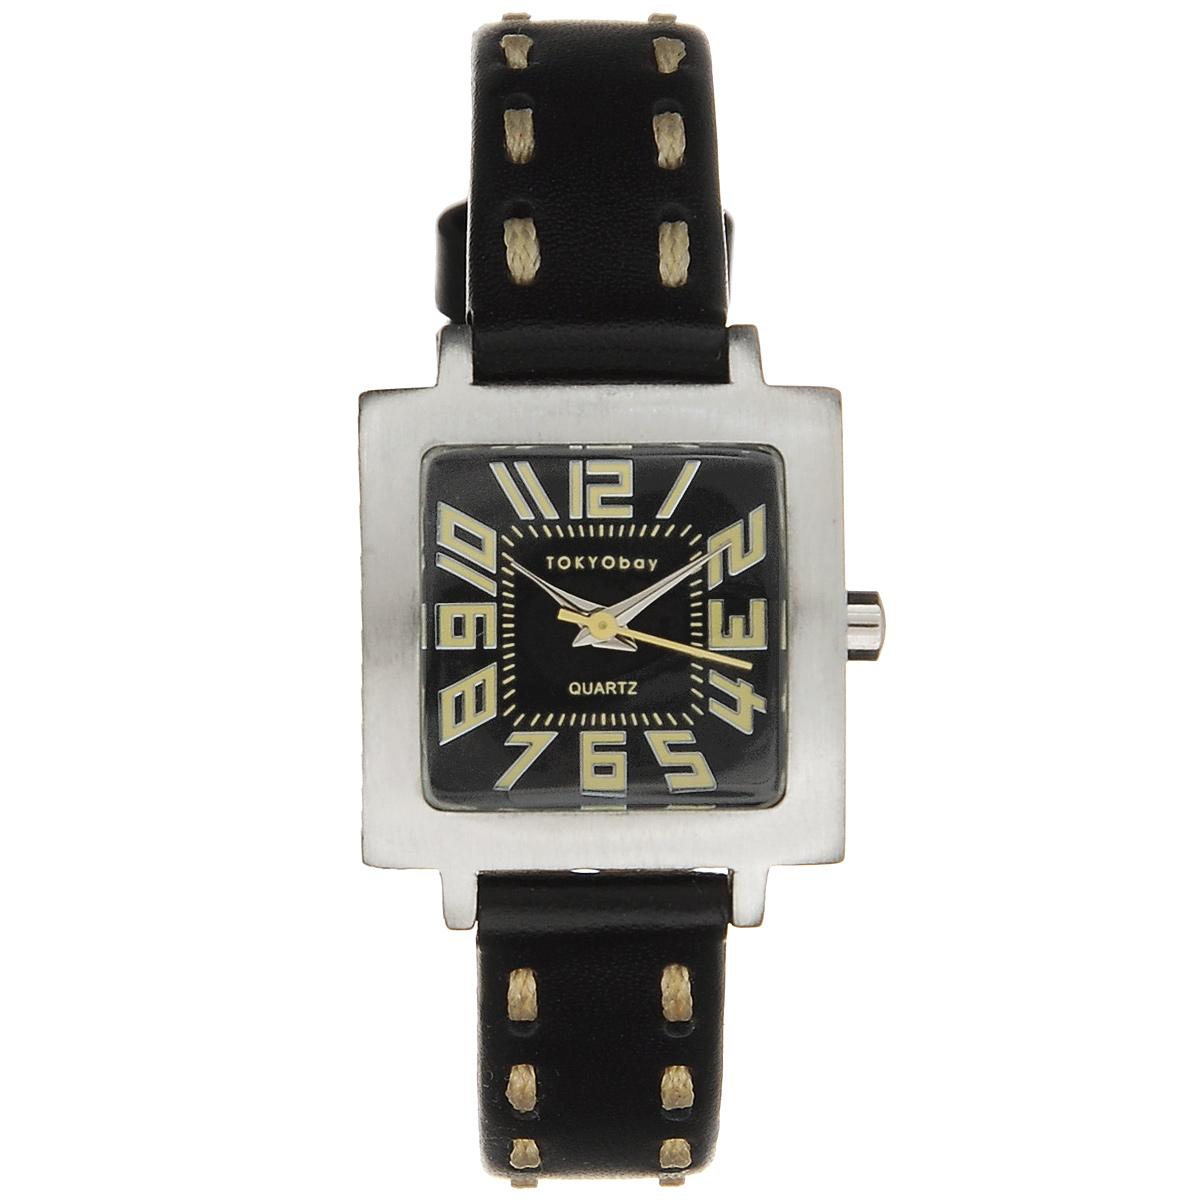 Часы женские наручные Tokyobay Tramette, цвет: черный. T205-BKT205-BKЧасы оснащены японским кварцевым механизмом Miyota. Корпус выполнен из сплава металлов, не содержащего никель. Задняя крышка изготовлена из нержавеющей стали. Циферблат оформлен крупными арабскими цифрами, имеет три стрелки - часовую, минутную и секундную. Циферблат защищен ударопрочным оптическим пластиком. Ремешок выполнен из натуральной кожи и текстиля, застегивается на классическую застежку-пряжку. Часы Tokyobay - это практичный и модный аксессуар, который подчеркнет ваш безупречный вкус. Характеристики: Корпус: 2,2 х 2,2 х 0,8 см. Размер ремешка: 18 х 1,2 см. Не содержит никель. Не водостойкие.